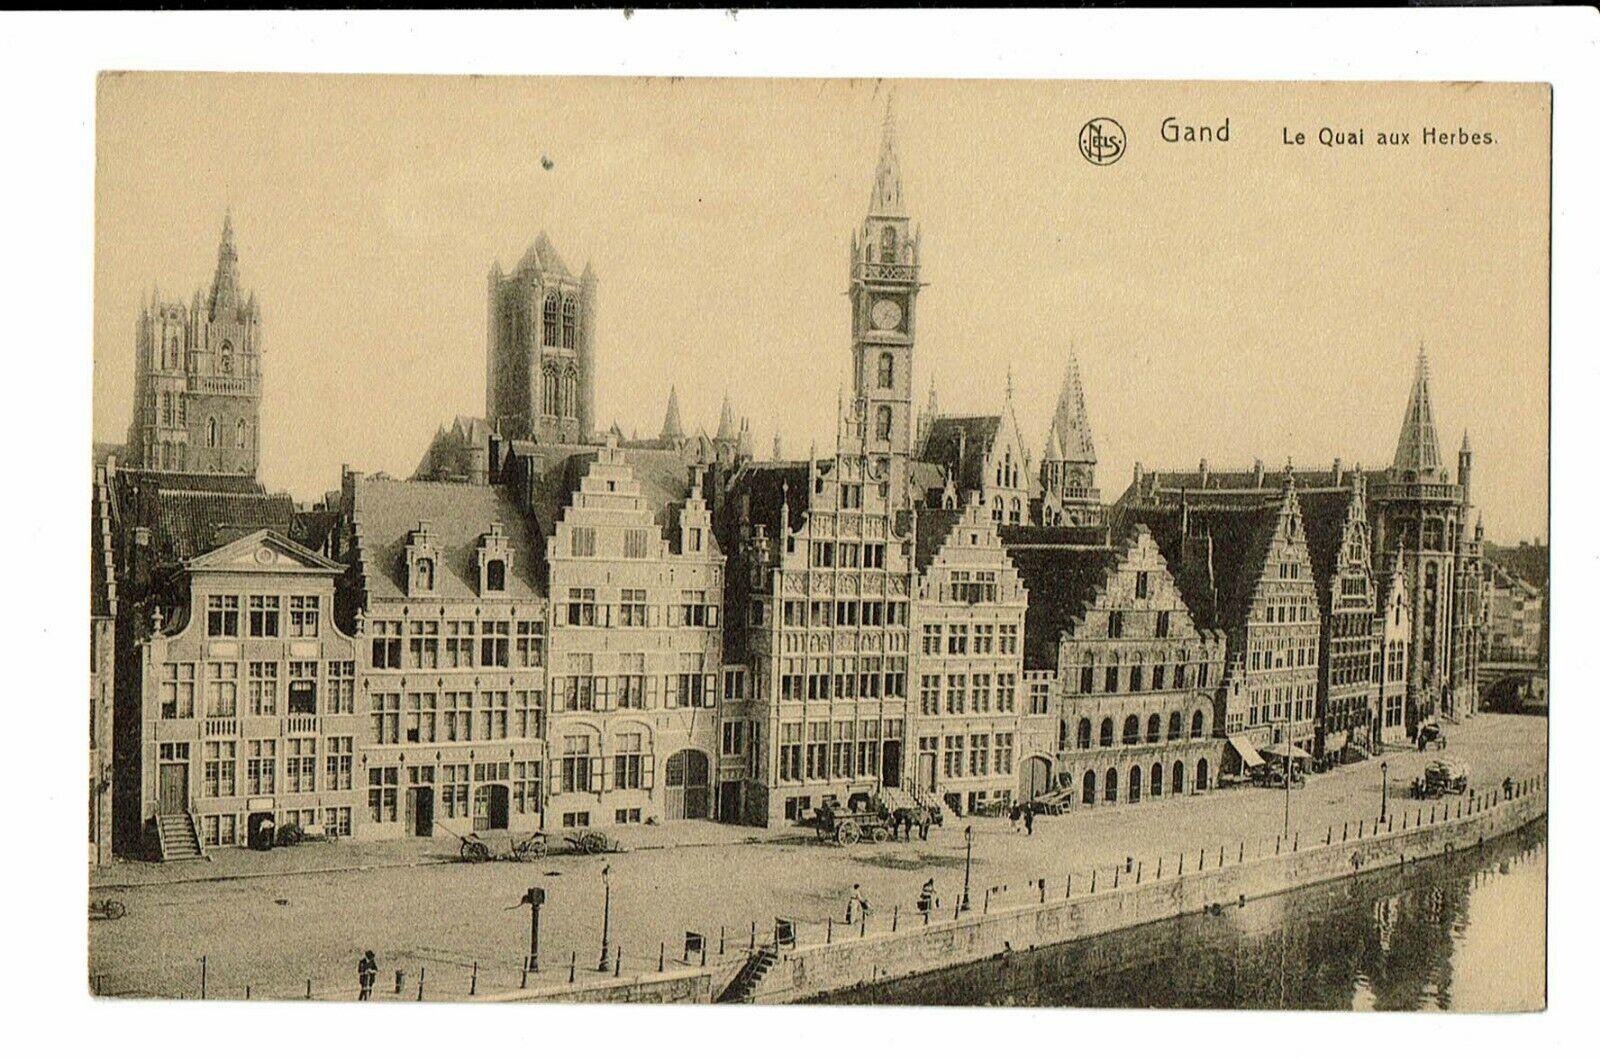 CPA-Carte postale - Belgique - Gent- Le Quai aux herbes - VM2779